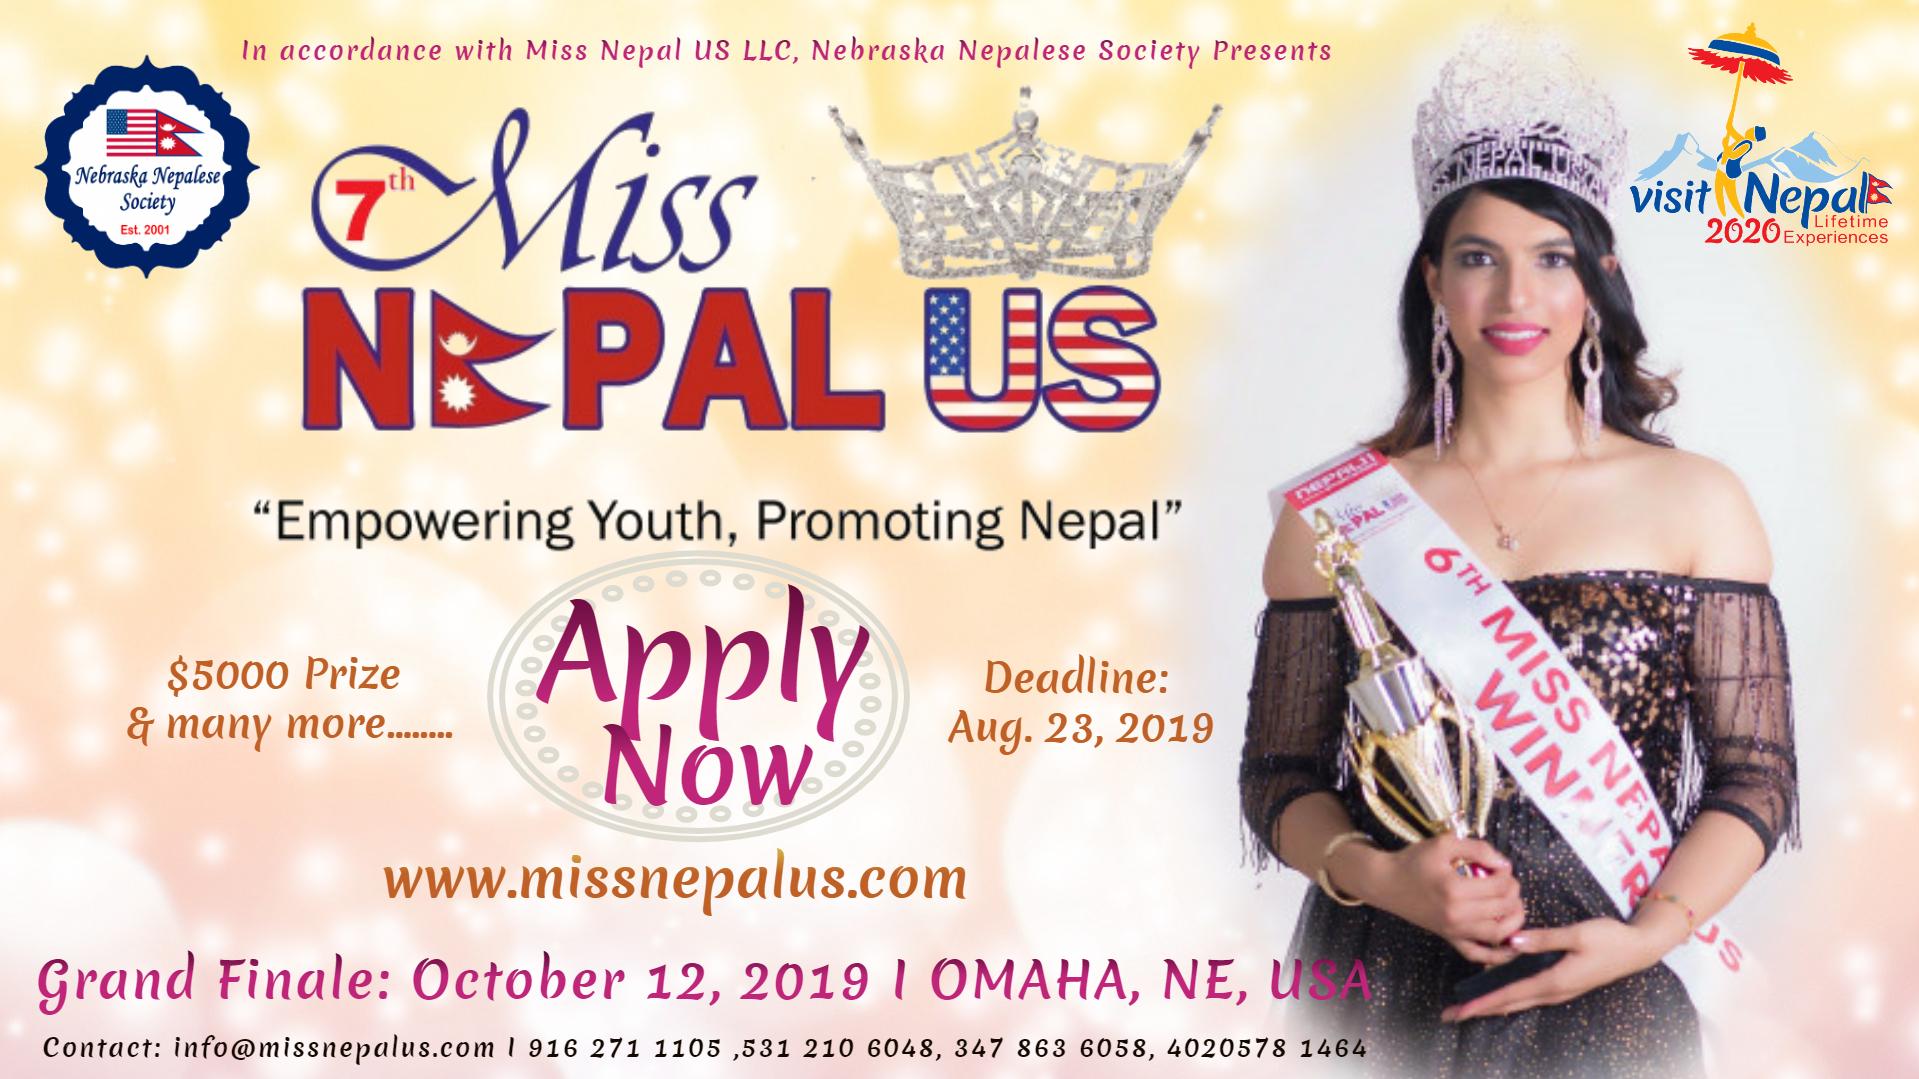 मिस नेपाल यूएस—२०१९ नेब्रास्काको ओमाहामा हुँदै